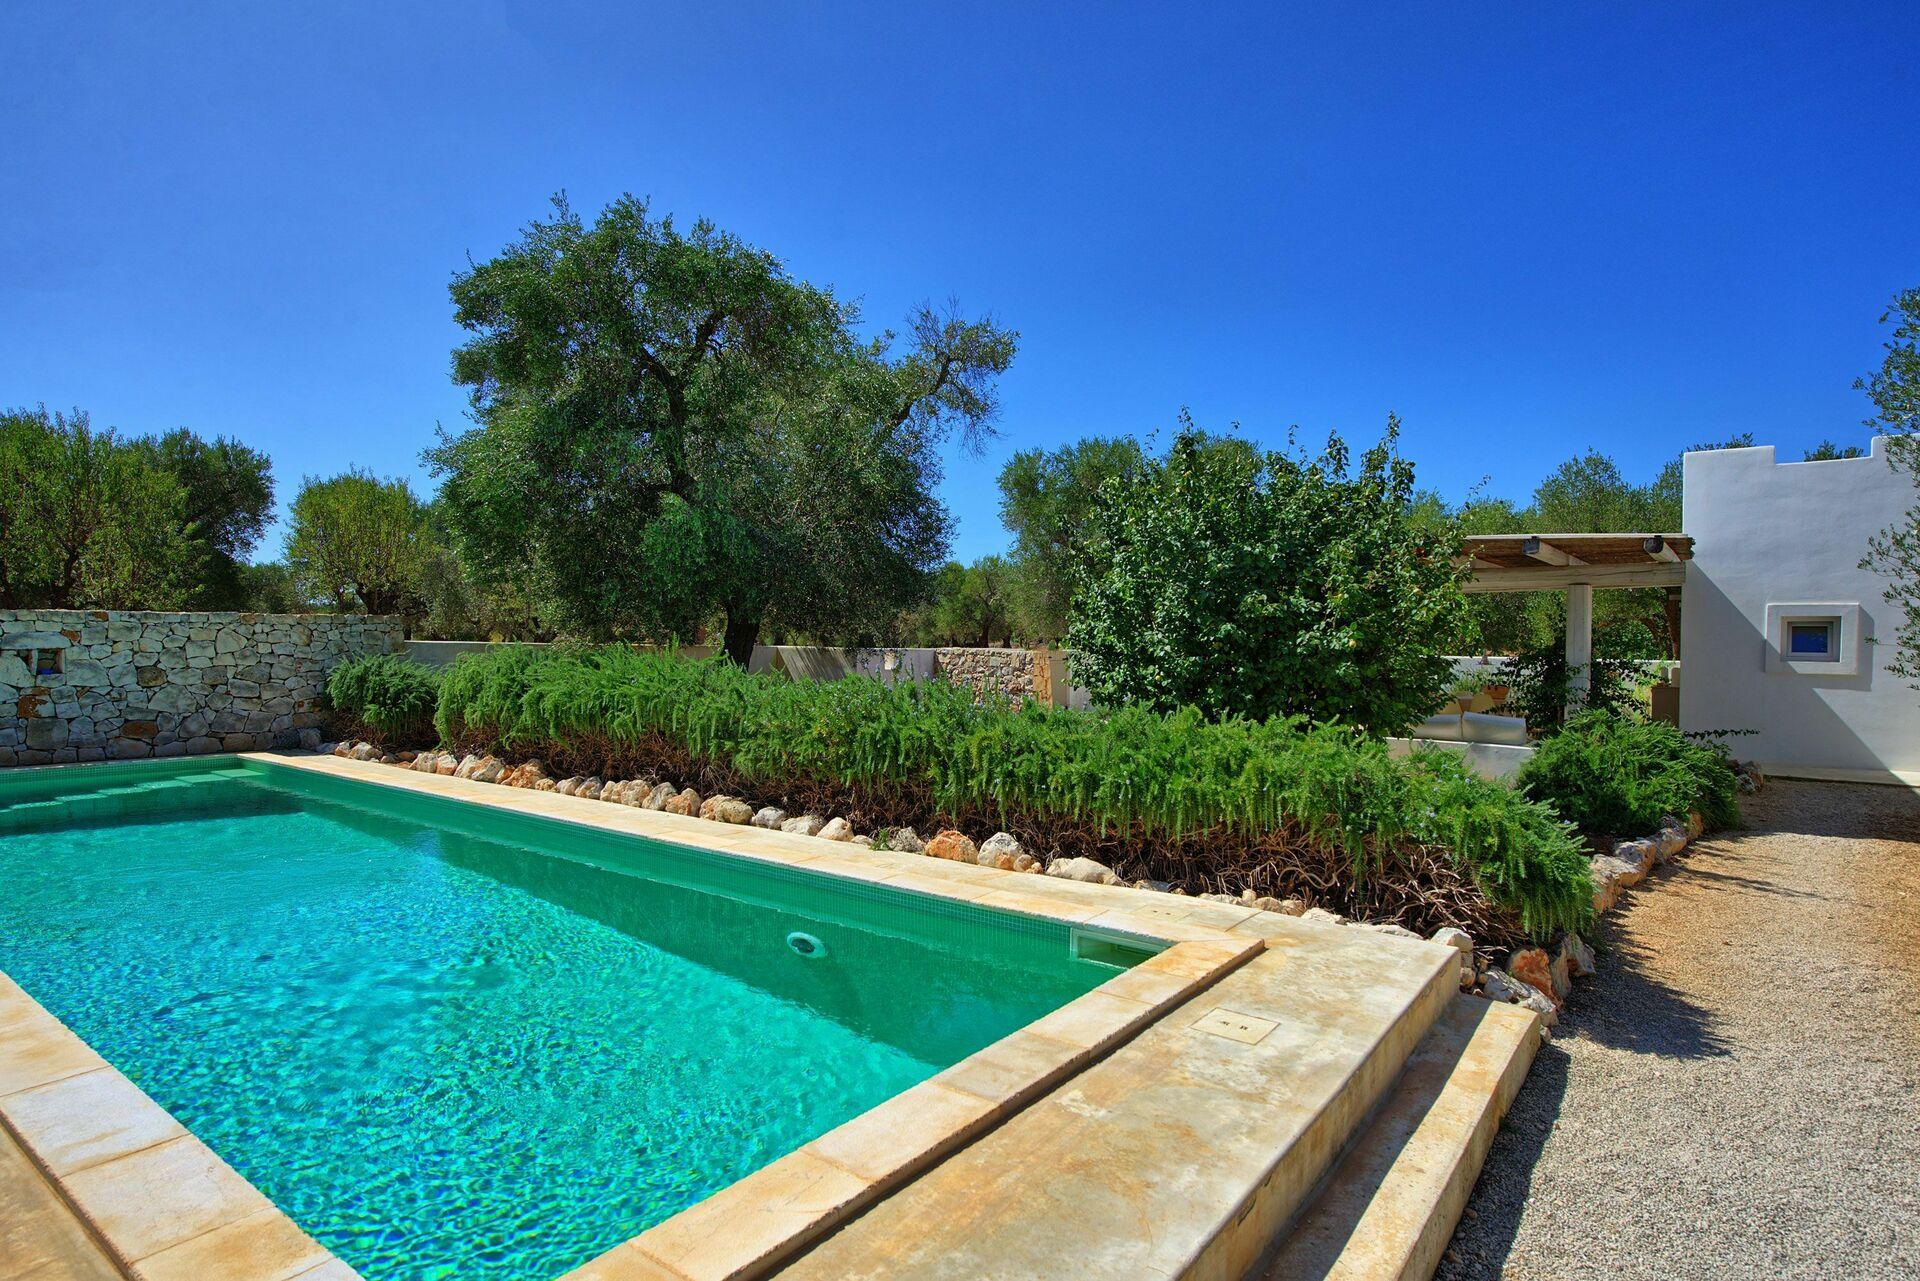 Casa vacanze con piscina in puglia il trullo di laura - Casa vacanze con piscina privata ...